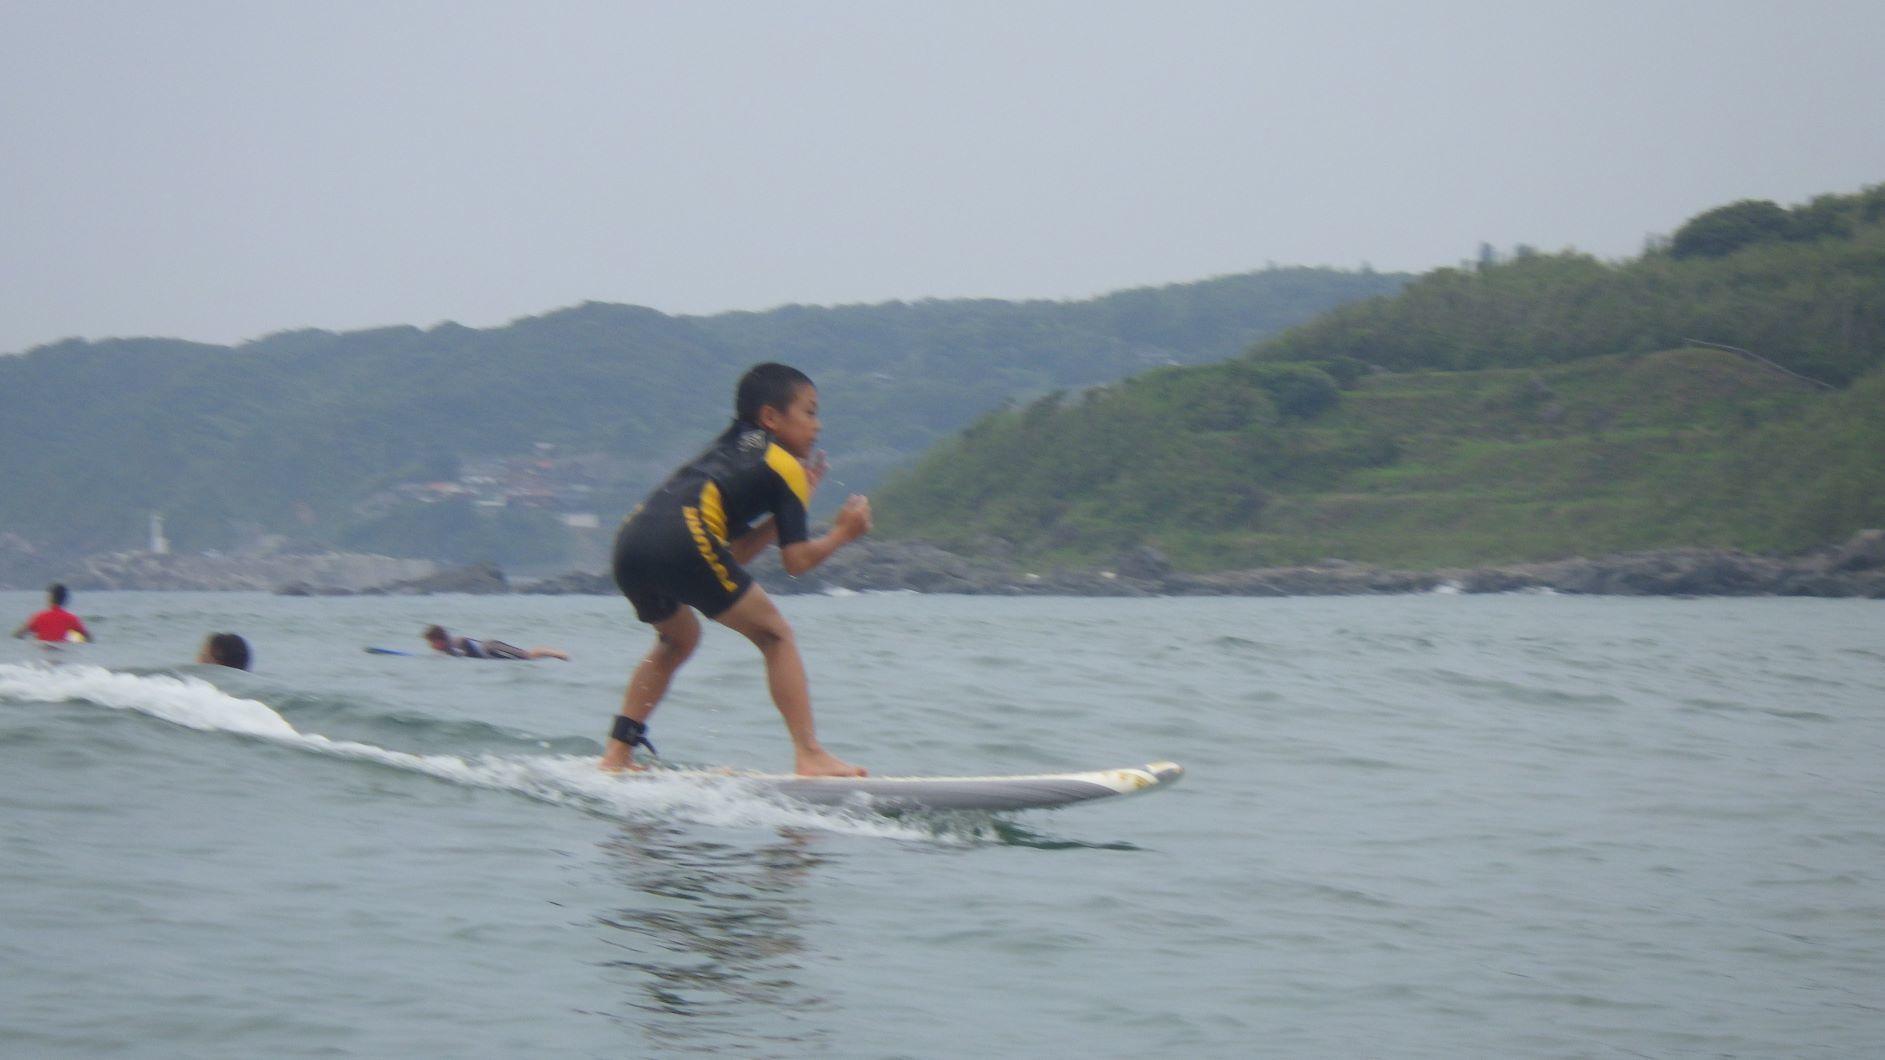 お母さんと一緒にサーフィンを楽しもう_f0009169_07403143.jpg